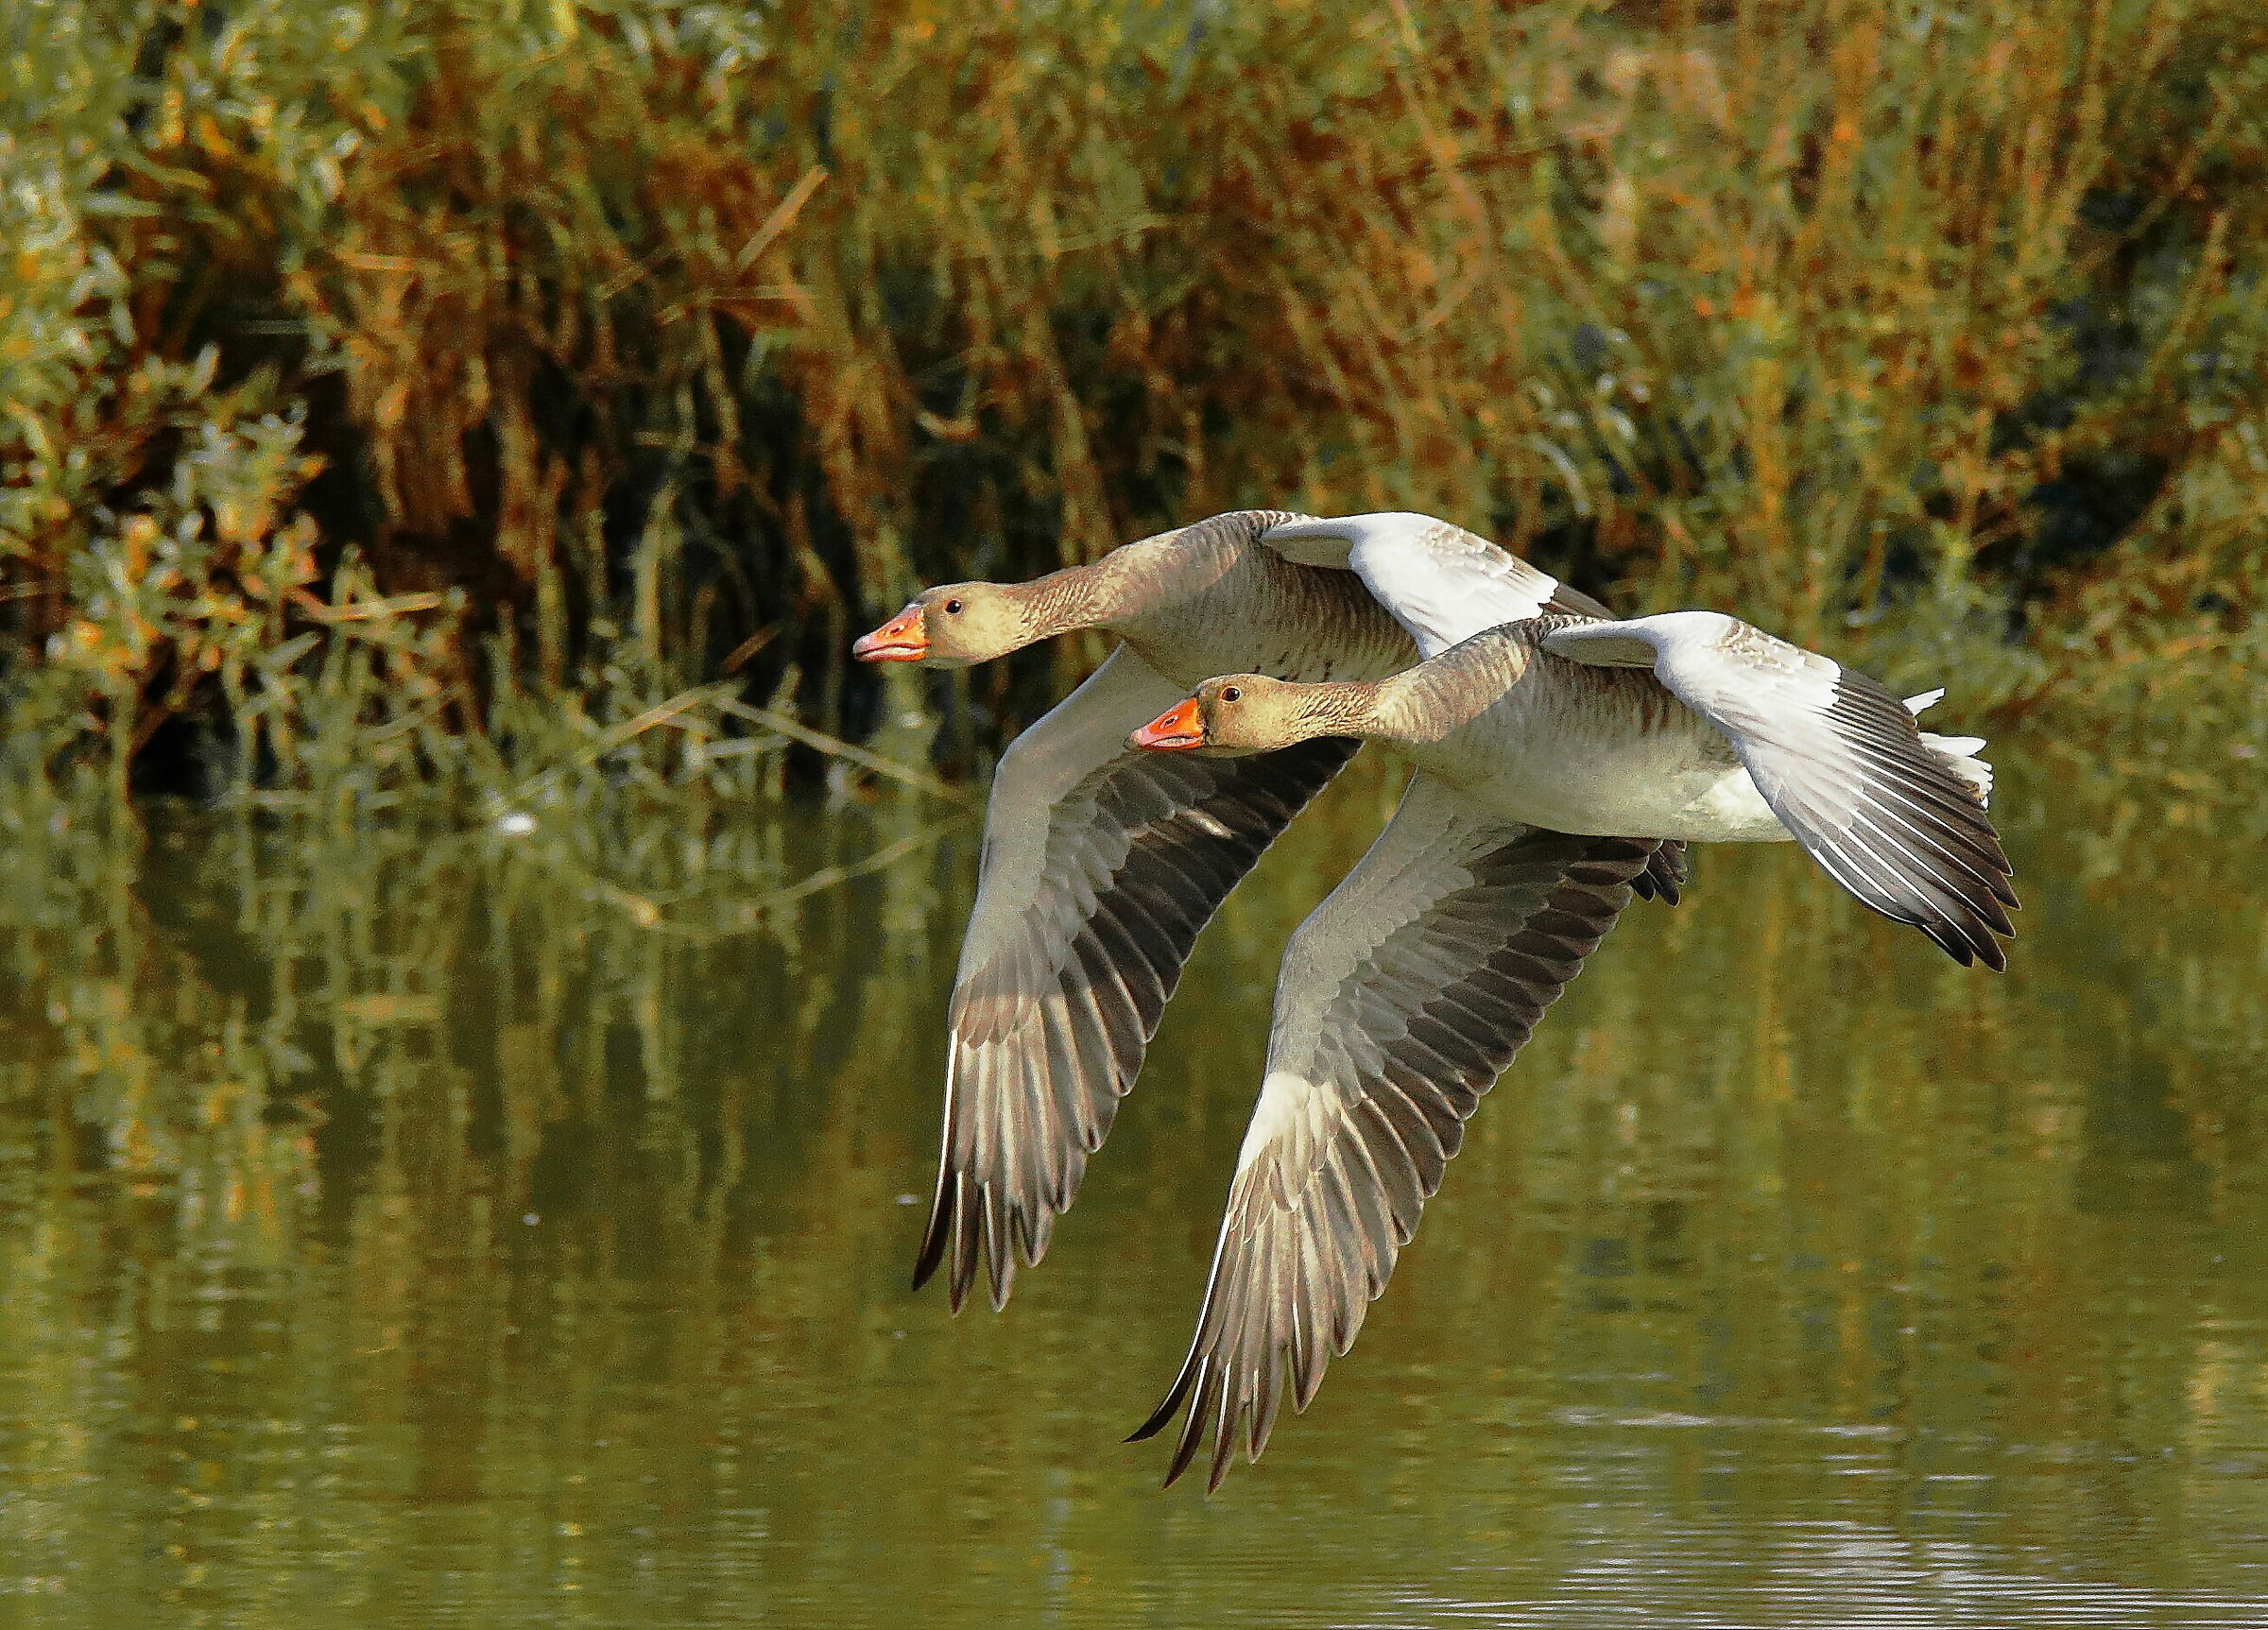 ... synchronized flight......